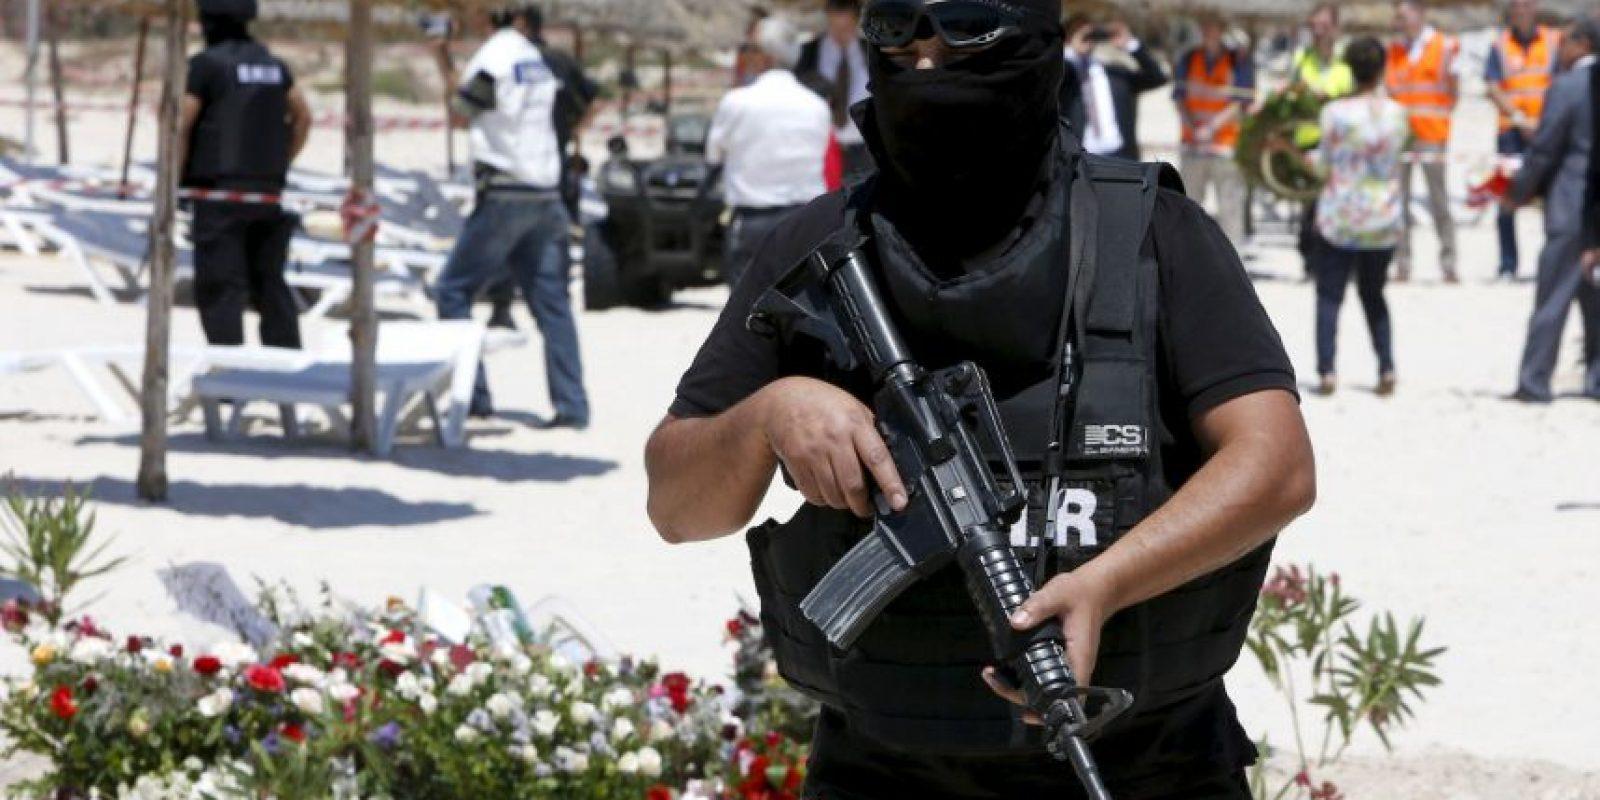 Las autoridades sospechan que los ciudadanos podrían ser víctimas de otro atentado terrorista. Foto:AP